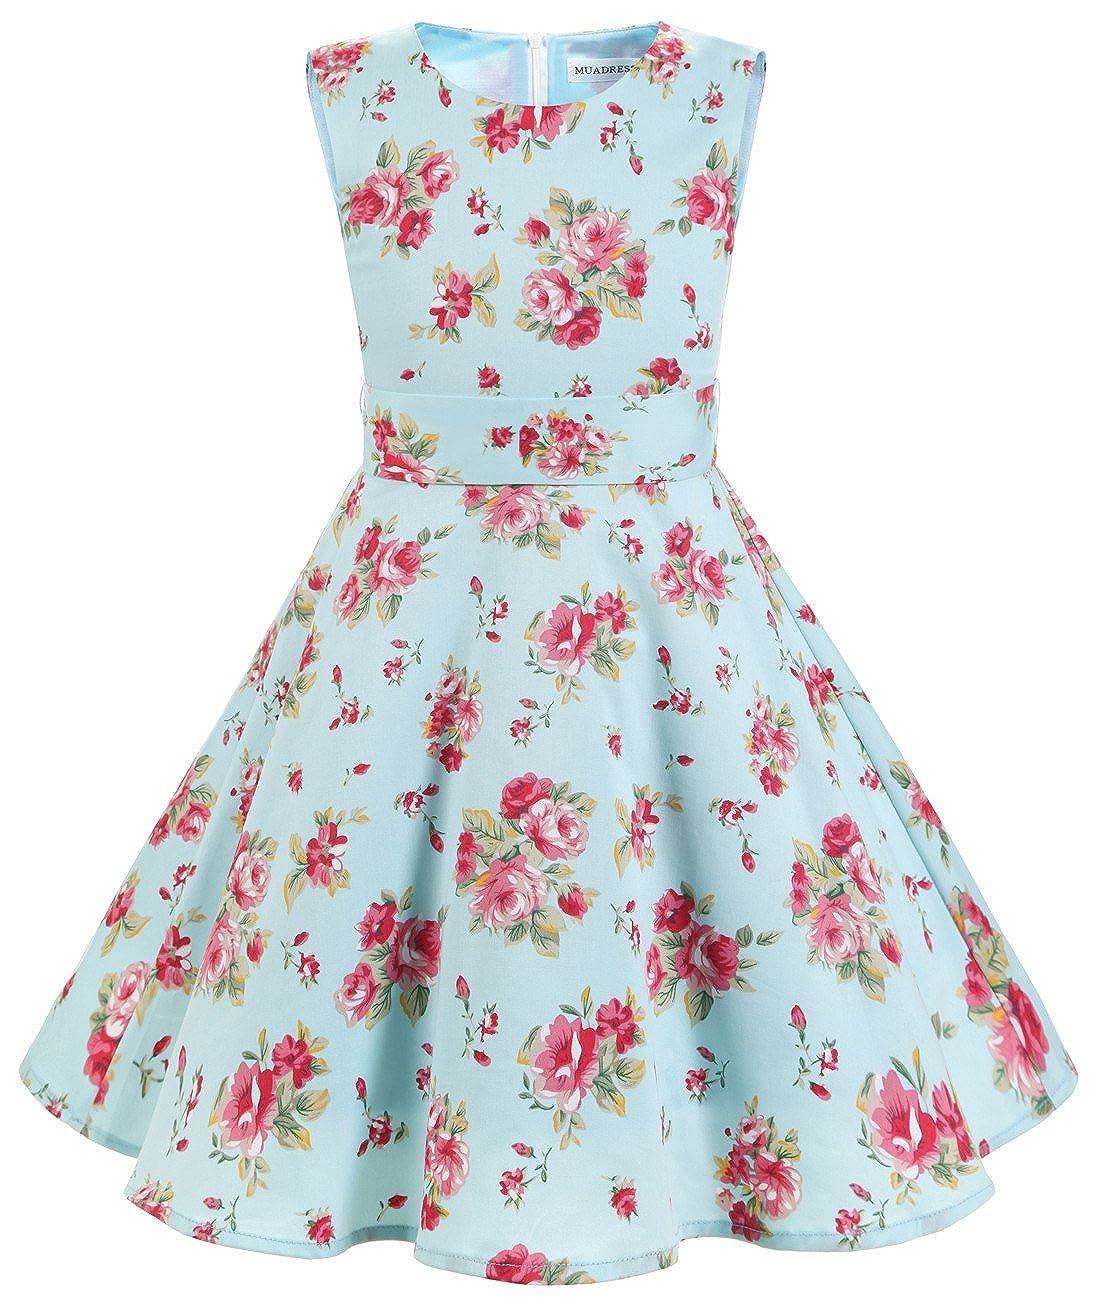 MUADRESS Mädchen Vintage Kleid Babykleider Polka Festlich 50er Kleid